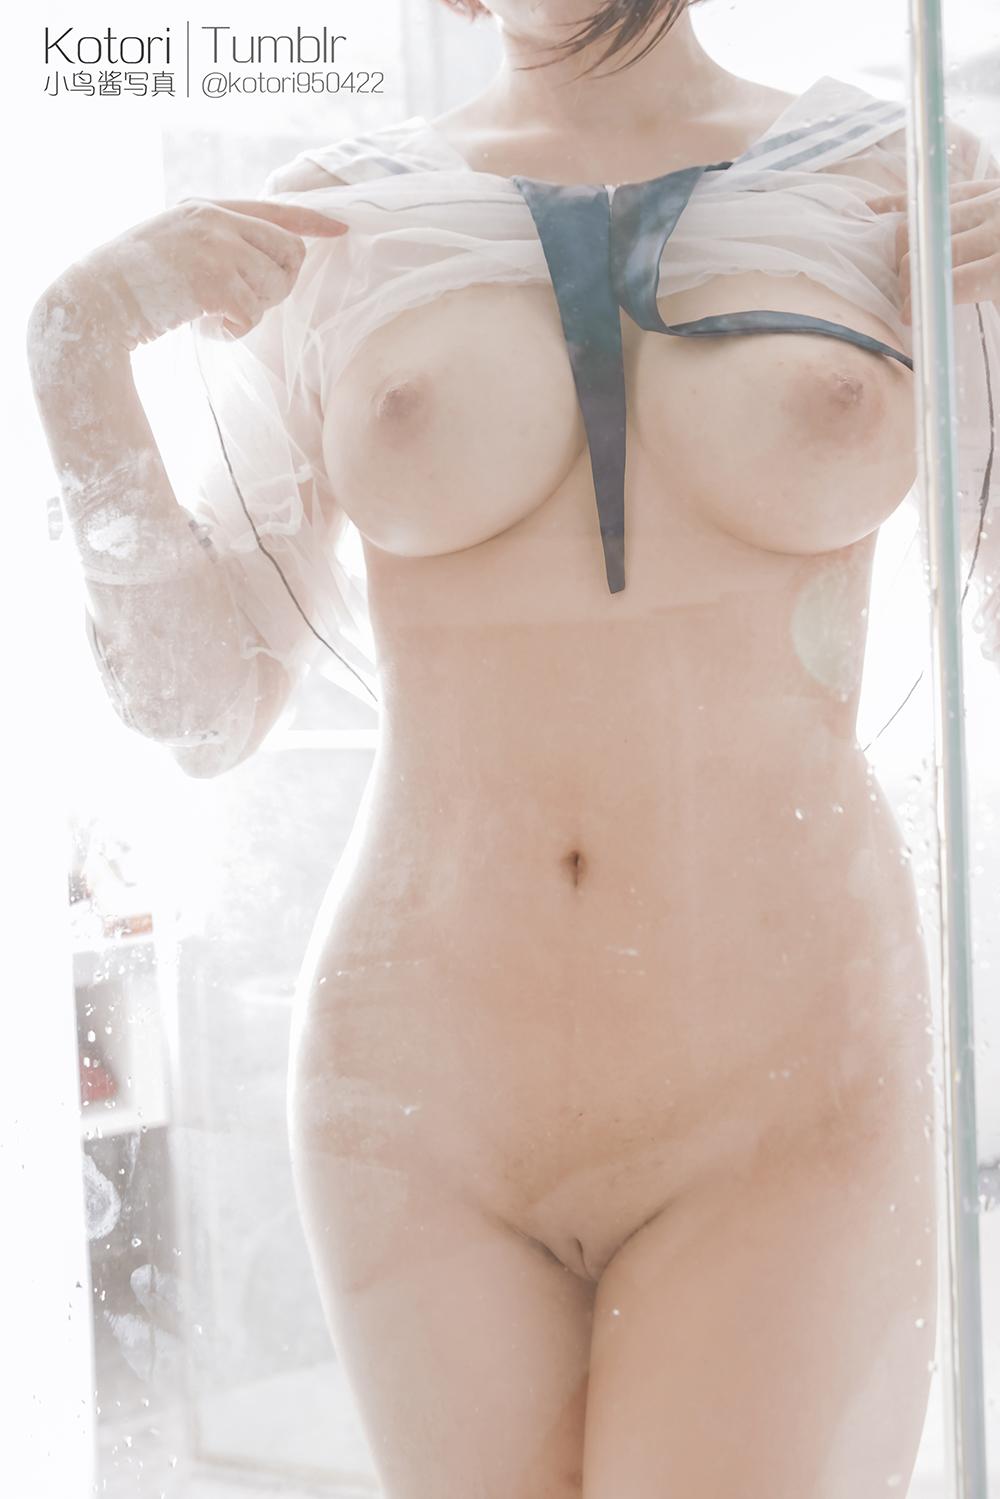 3qdQ6G - Cosplay girl Tumblr PR社 福利姬 小鸟酱 透明薄纱装